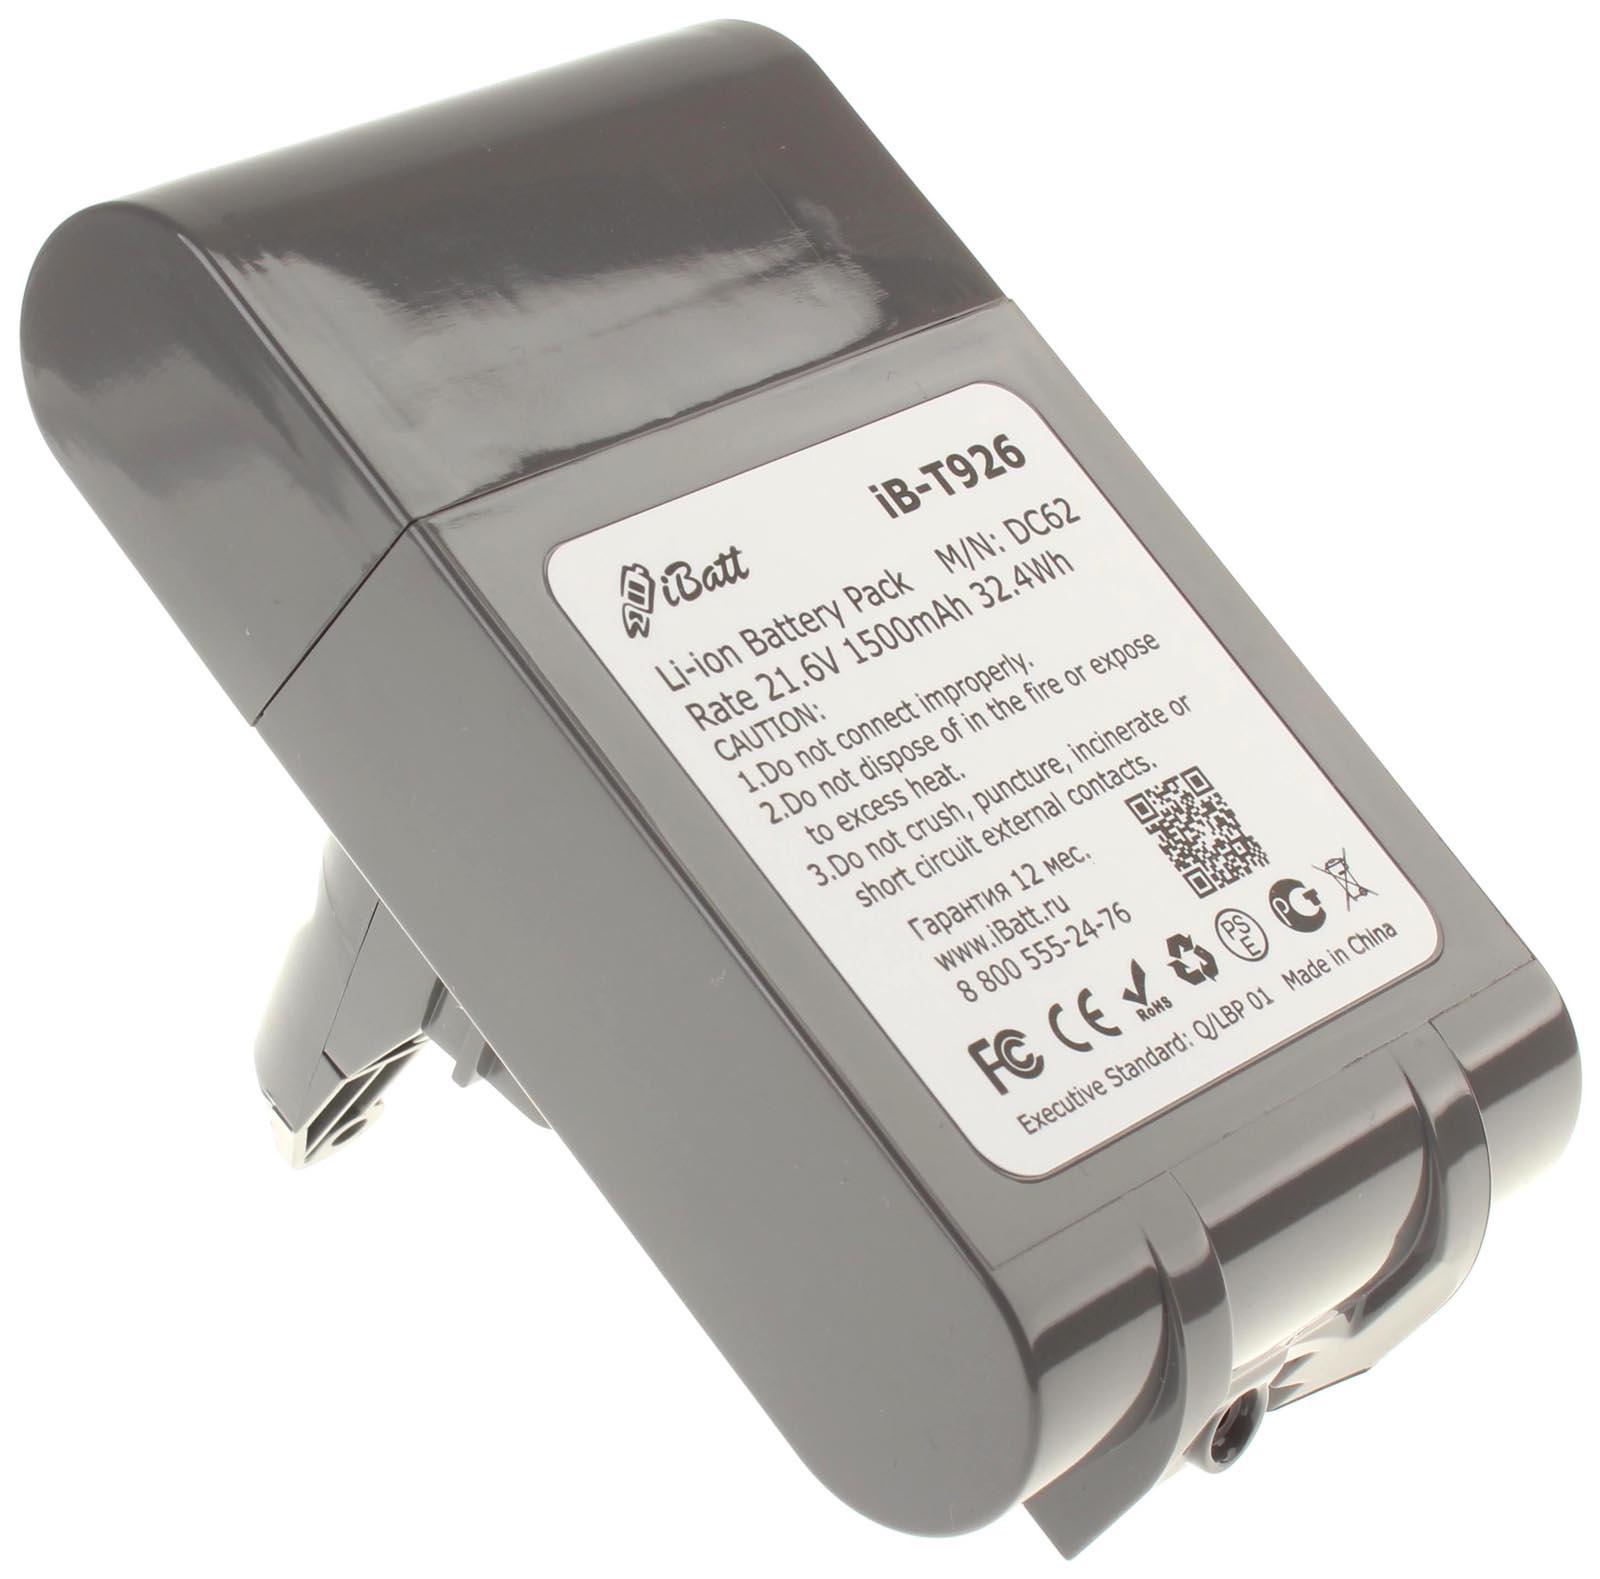 Аккумулятор для пылесоса dyson v6 купить цены на пылесос dyson dc41c allergy musclehead